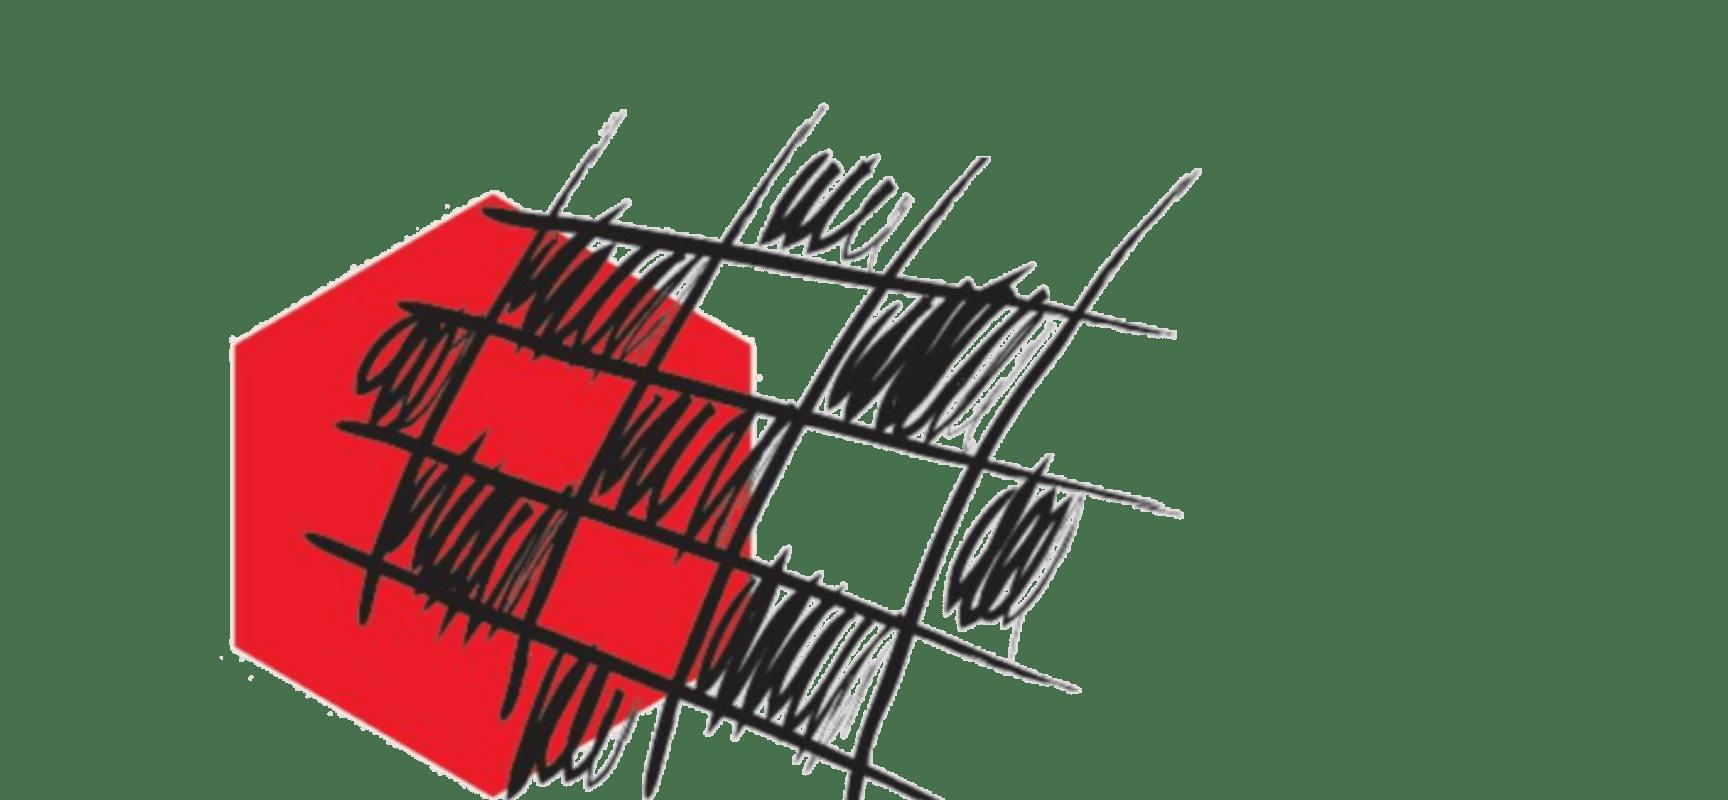 Luisón contra La Térmica, la batalla final (01.12.2018)